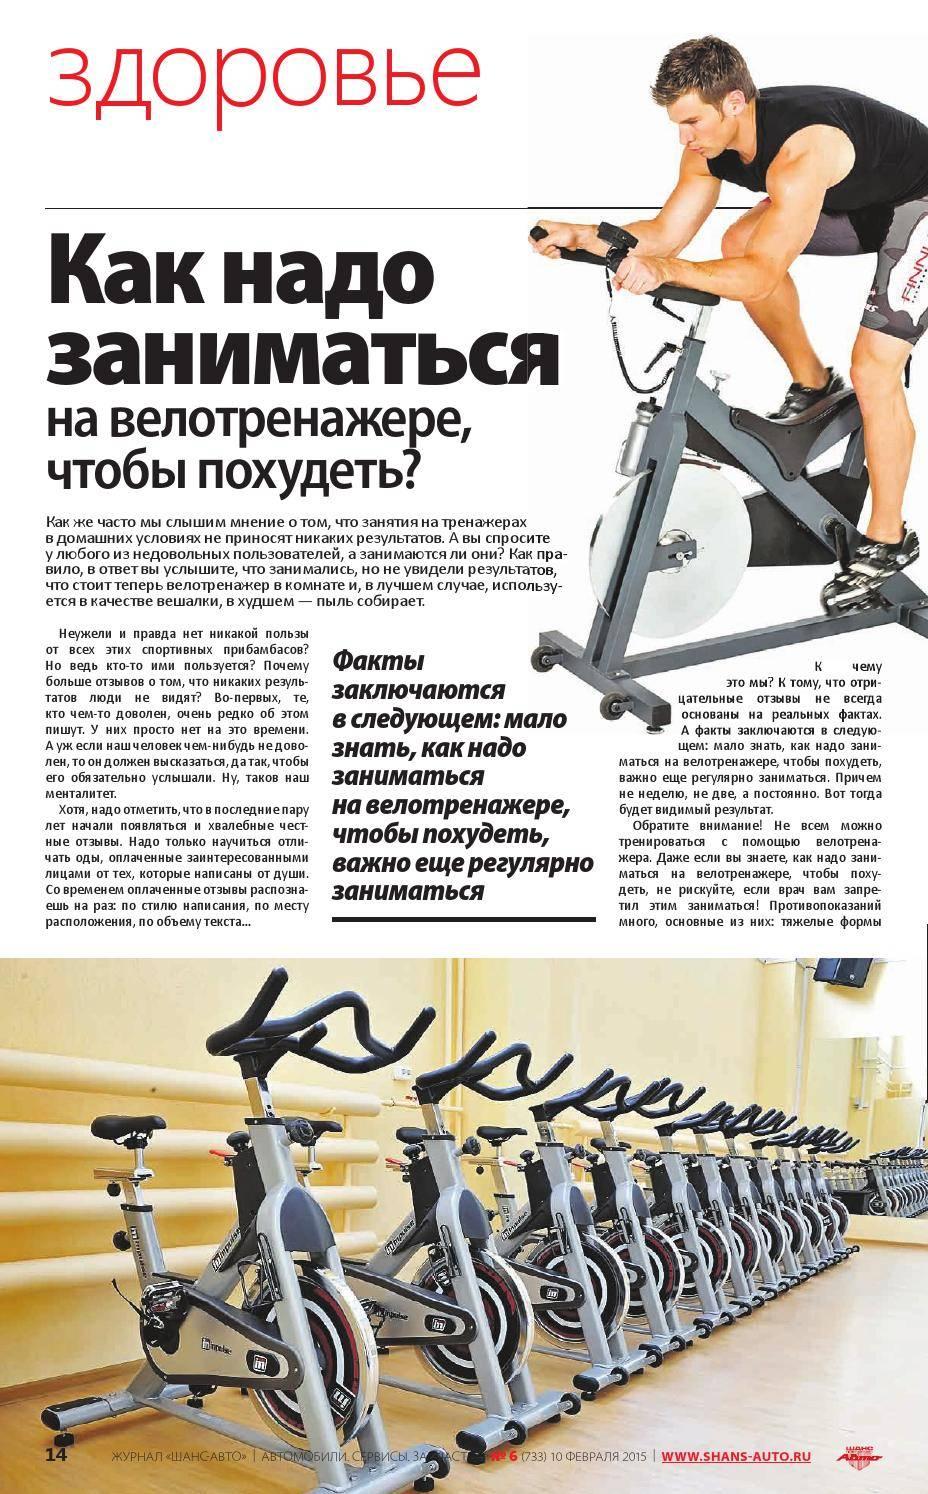 Велотренажер: польза и вред для женщин и мужчин, отзывы и результаты похудевших